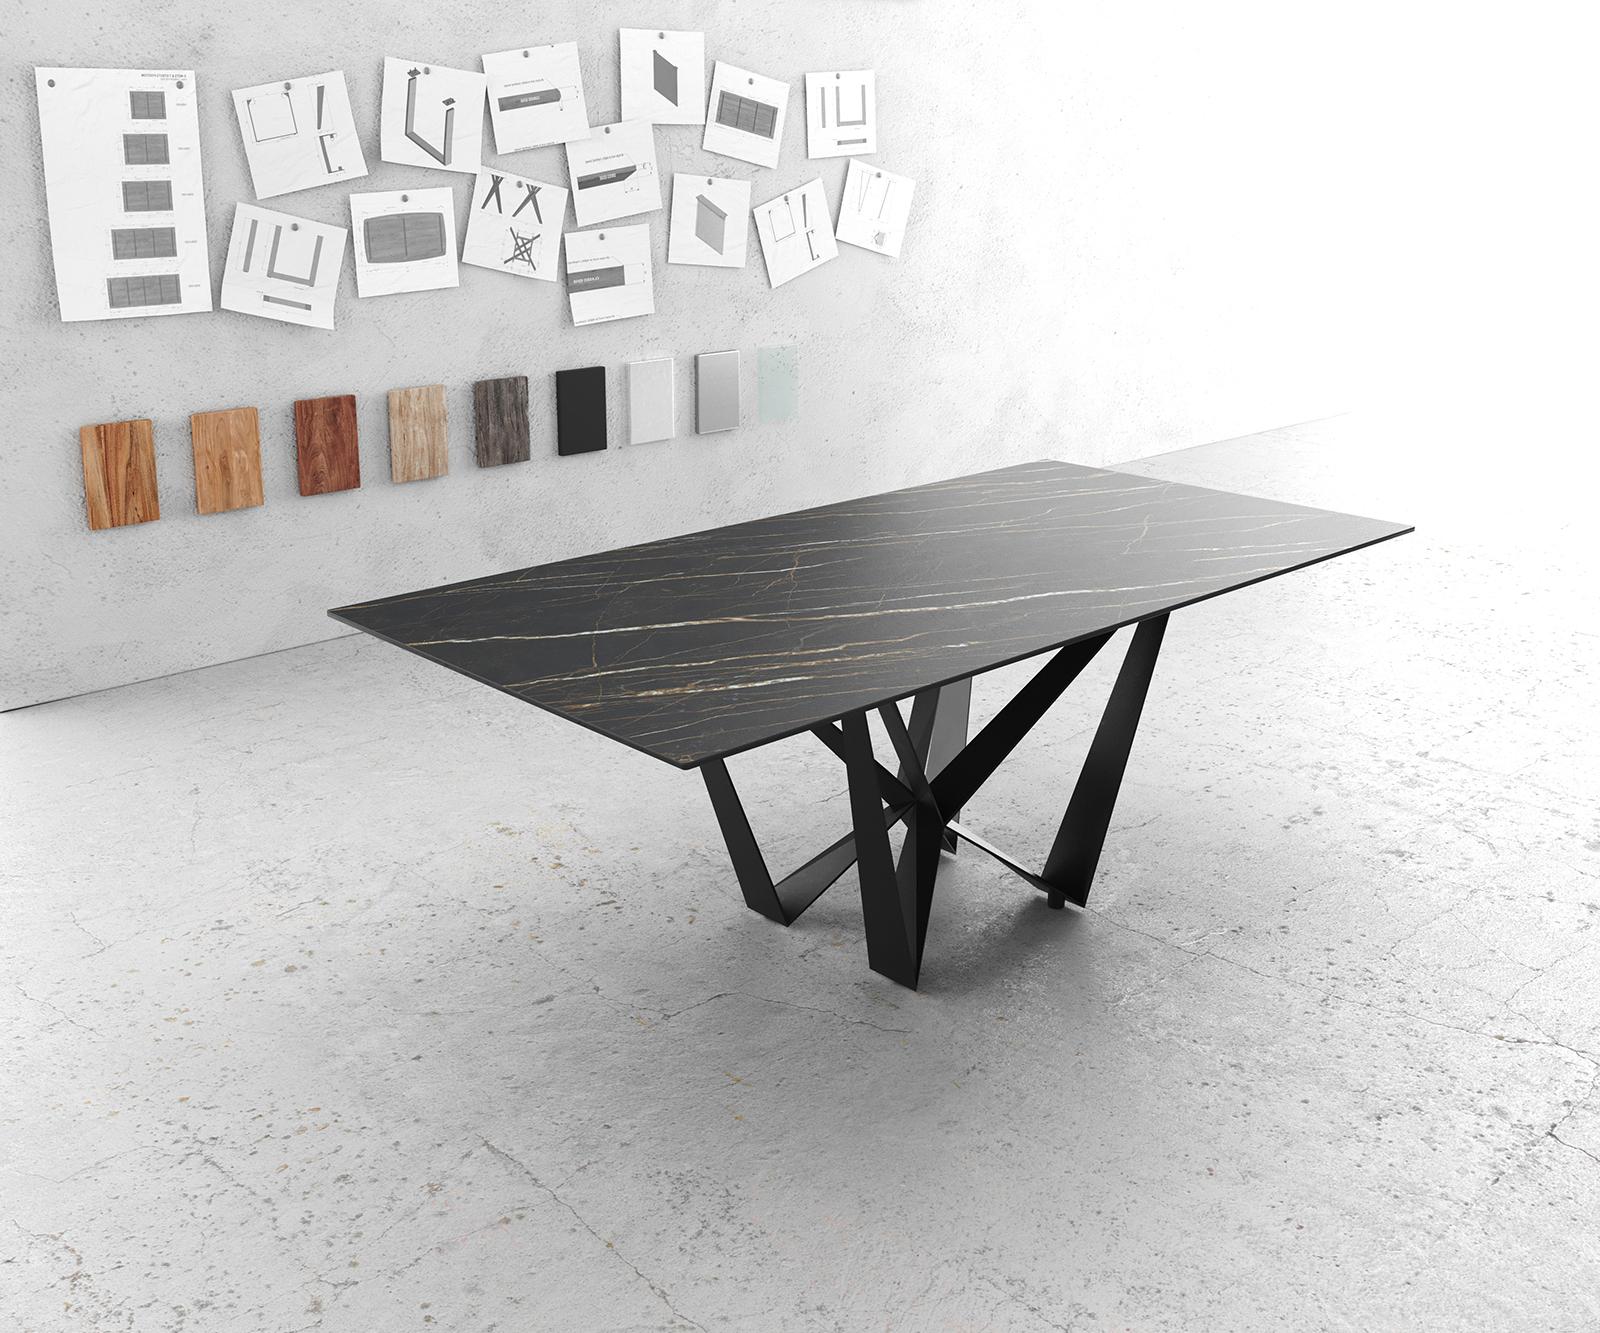 Esstisch Edge 200x100cm Laminam® Keramik Braun Mittelfuß Flachstahl Schwarz